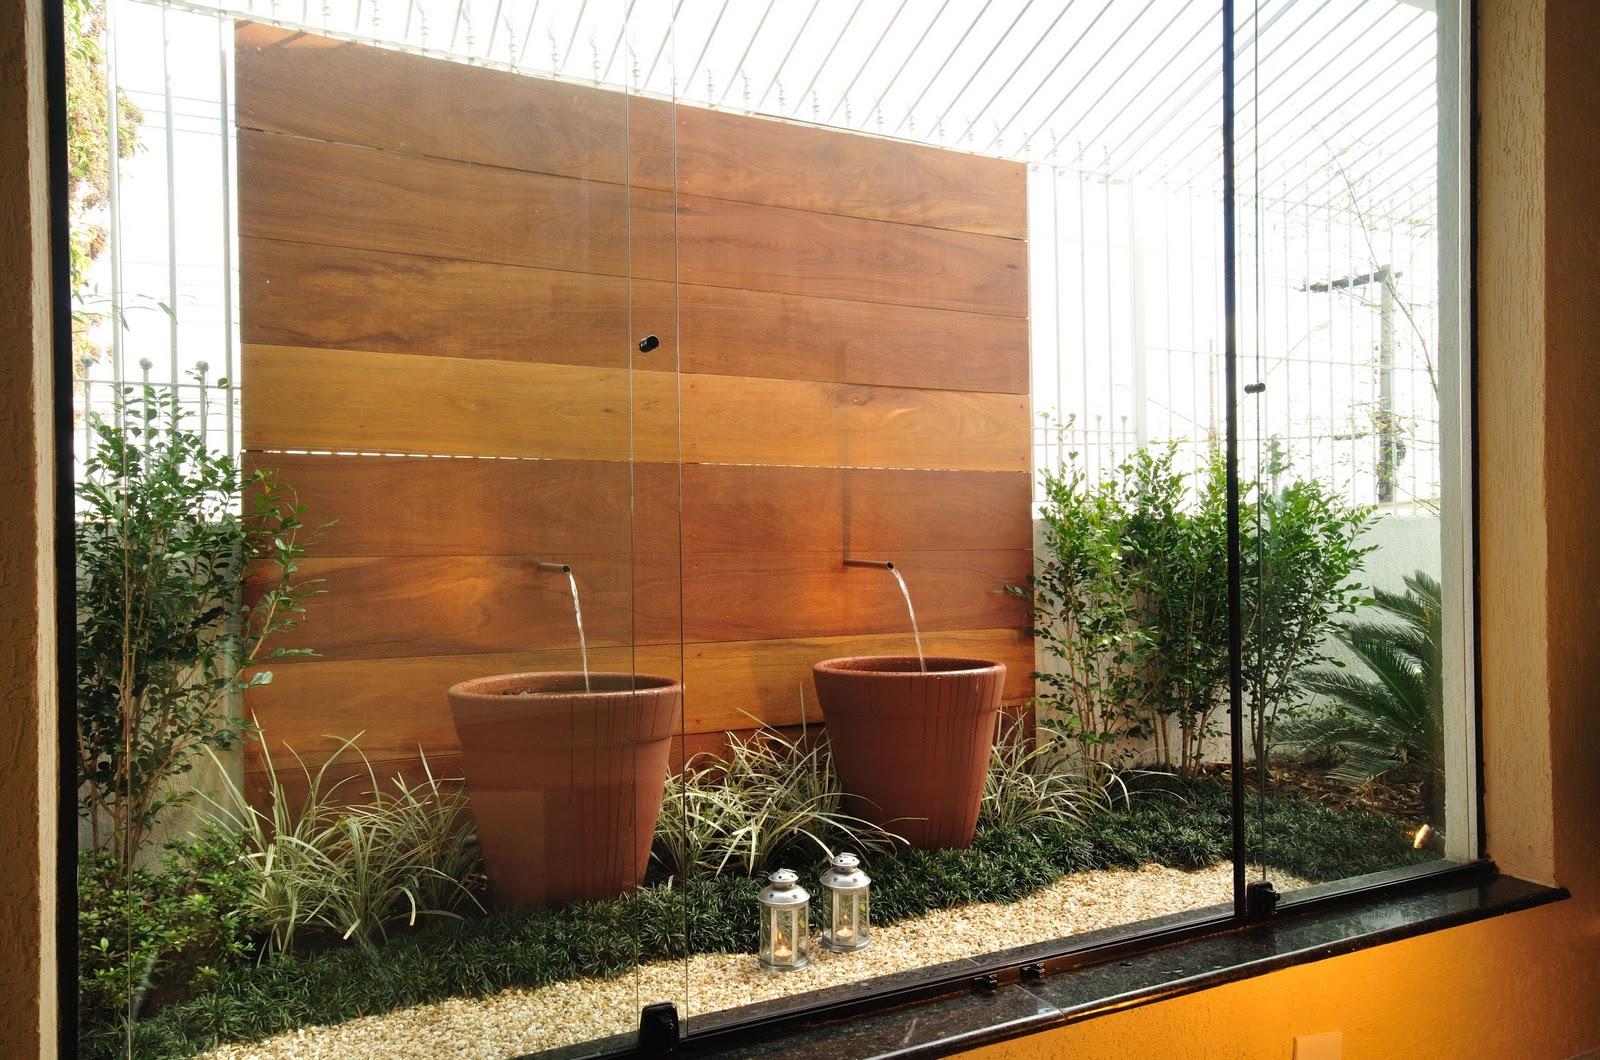 Jardim de inverno, dicas para criar esse ambiente em sua casa. (Foto: Divulgação)